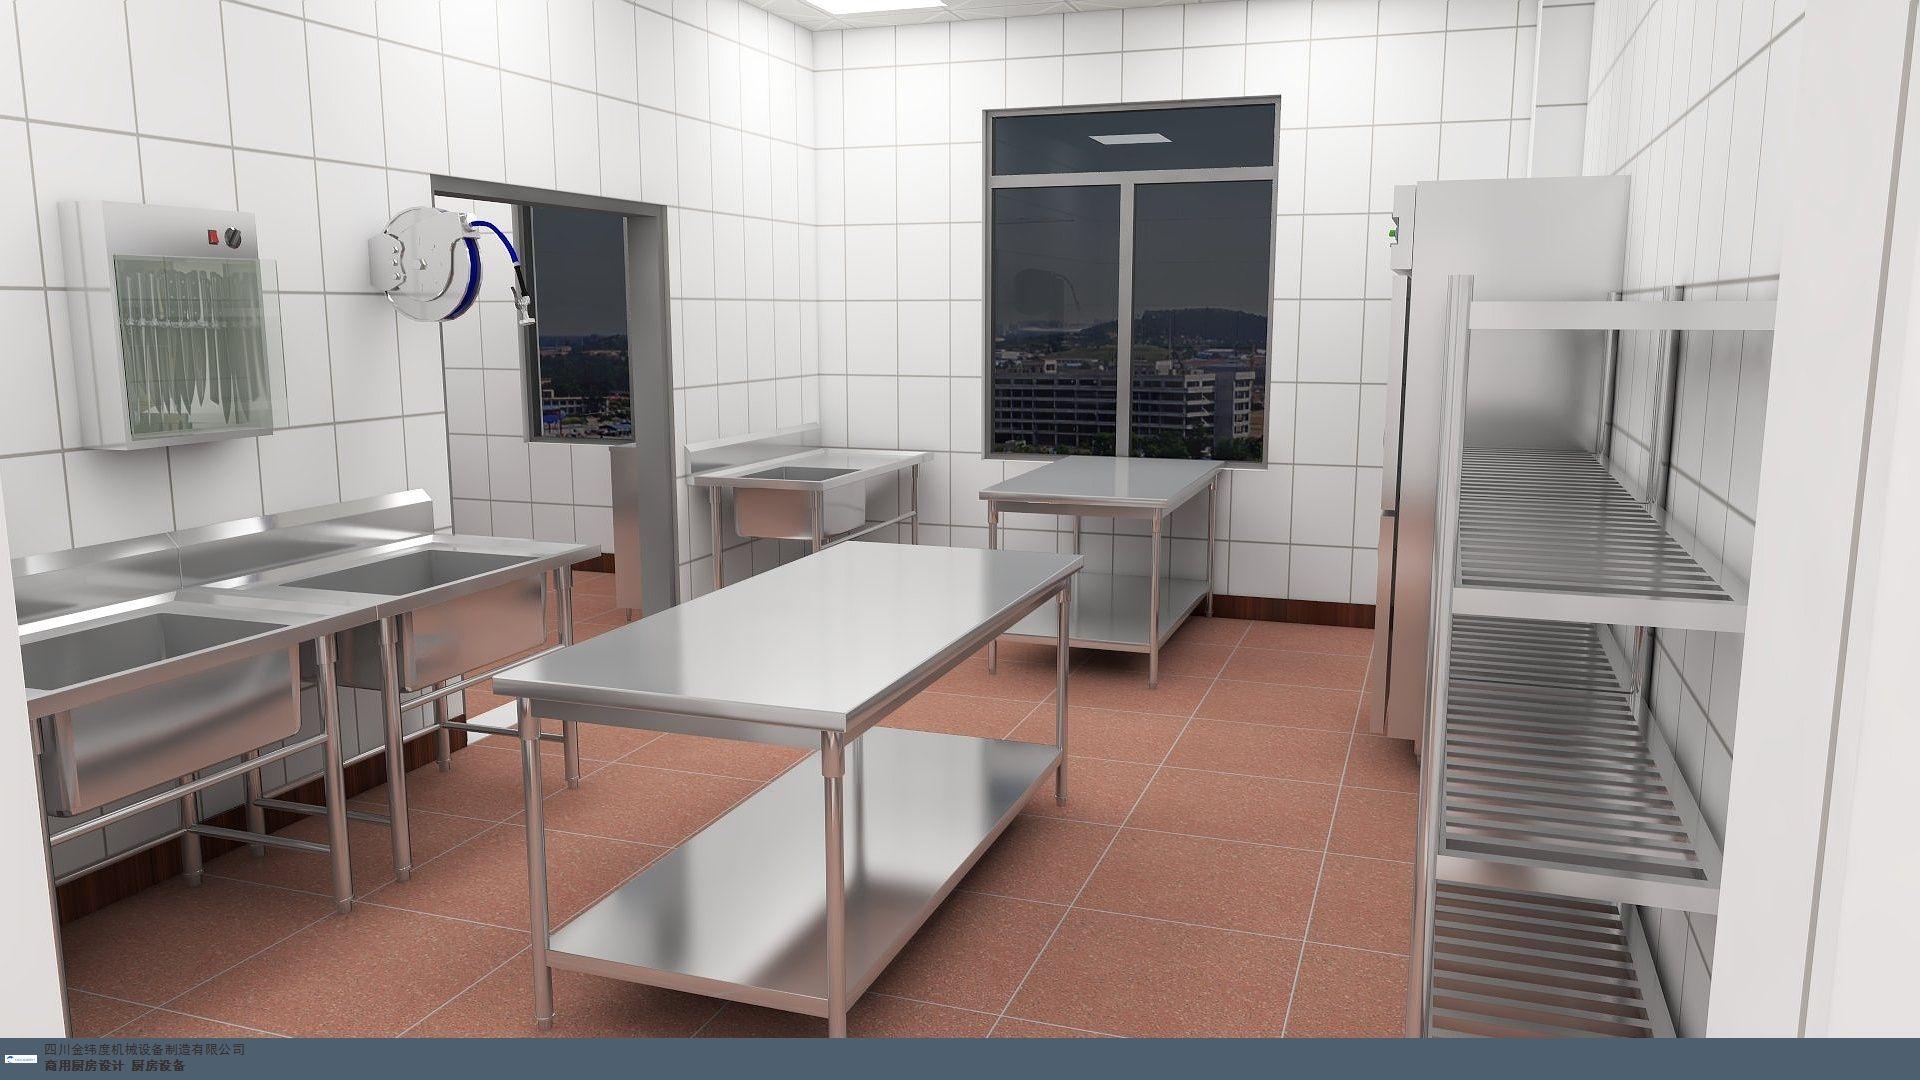 400人的食堂全套厨房设备价钱